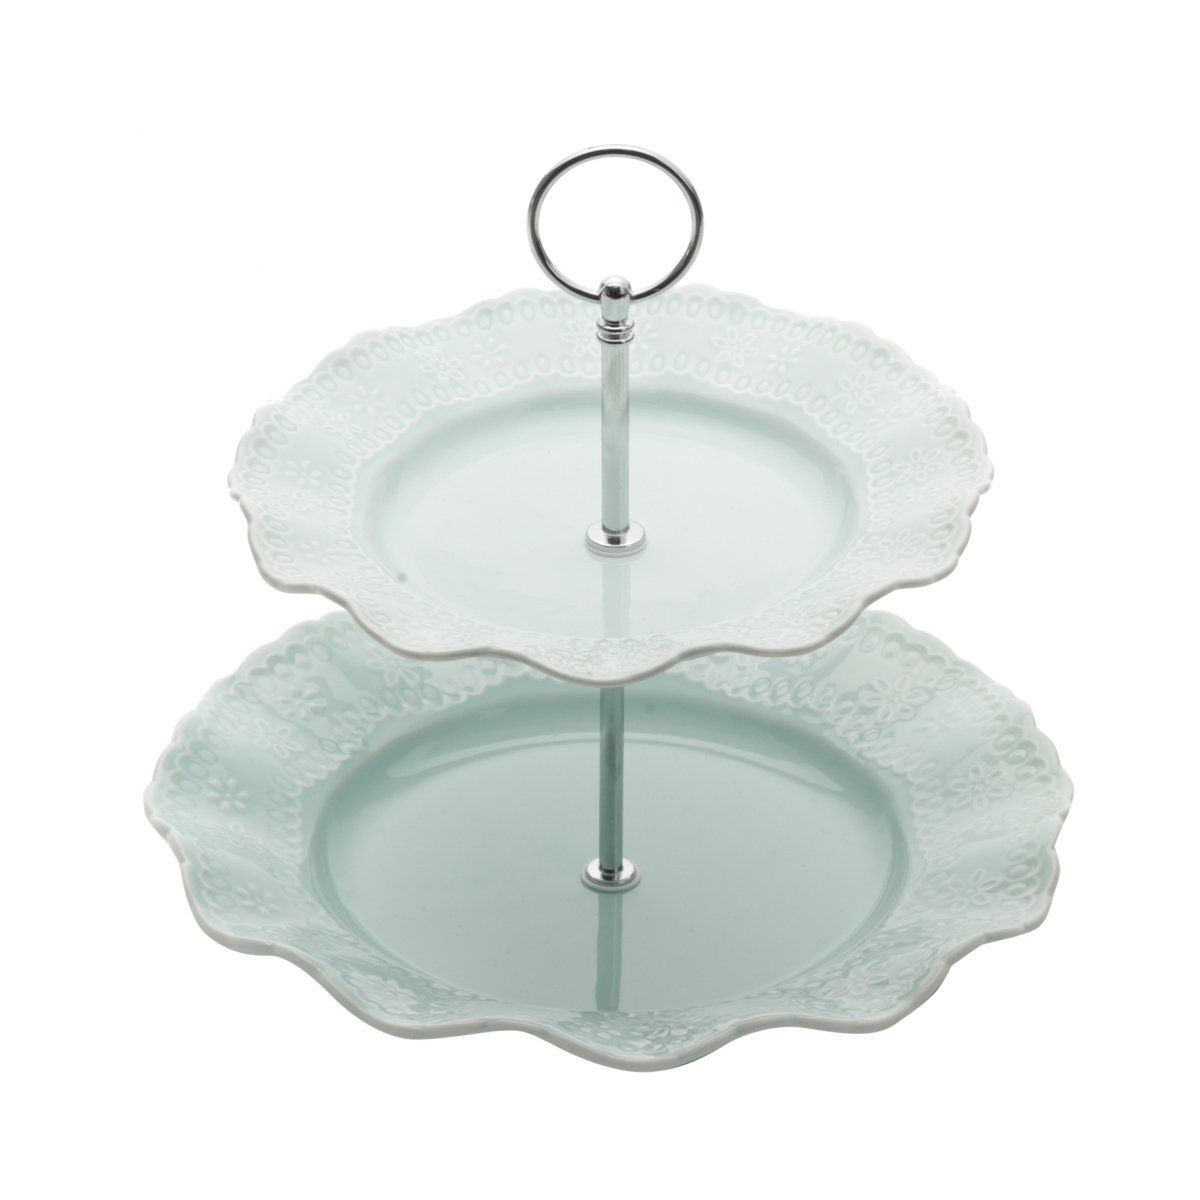 Prato duplo 23,5 cm para doces de porcelana azul com suporte de metal Princess Lyor - L8240